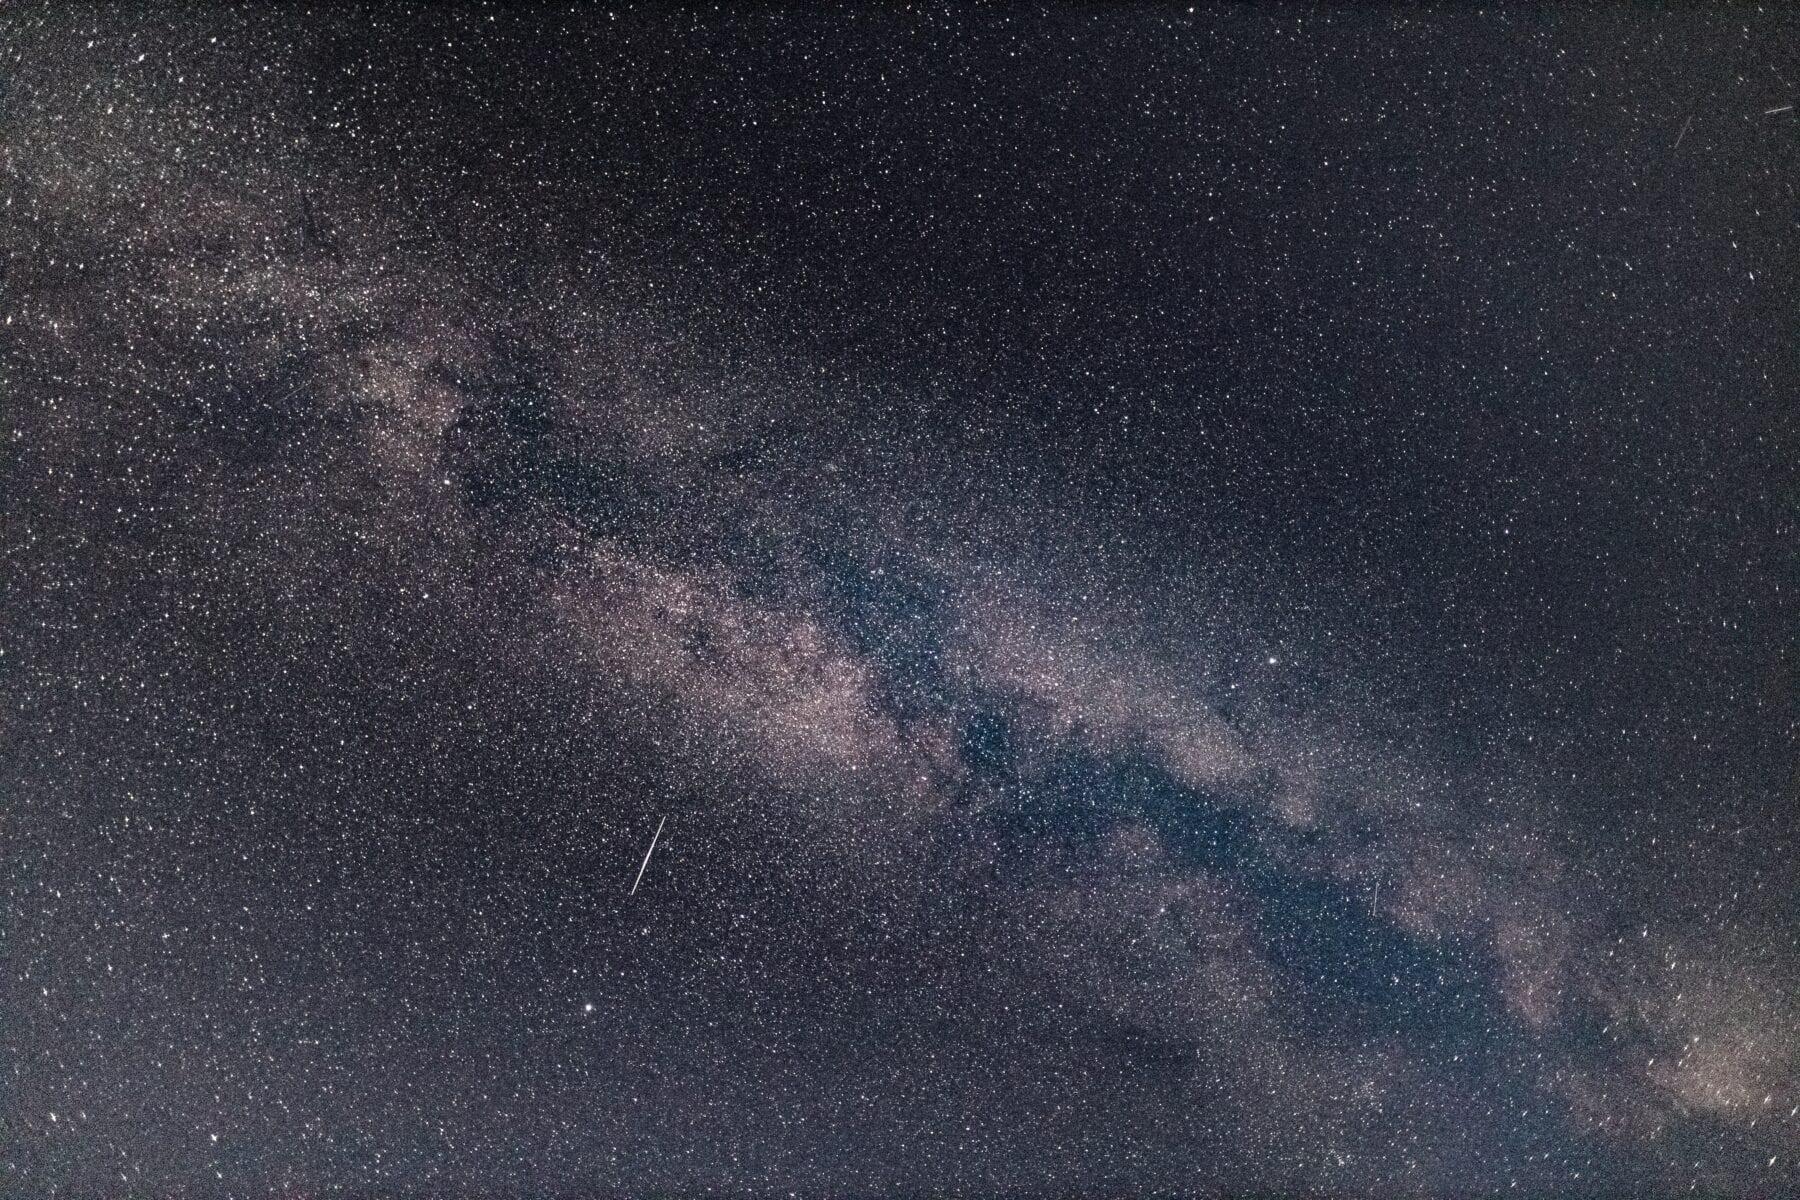 fotograferen melkwegstelsel